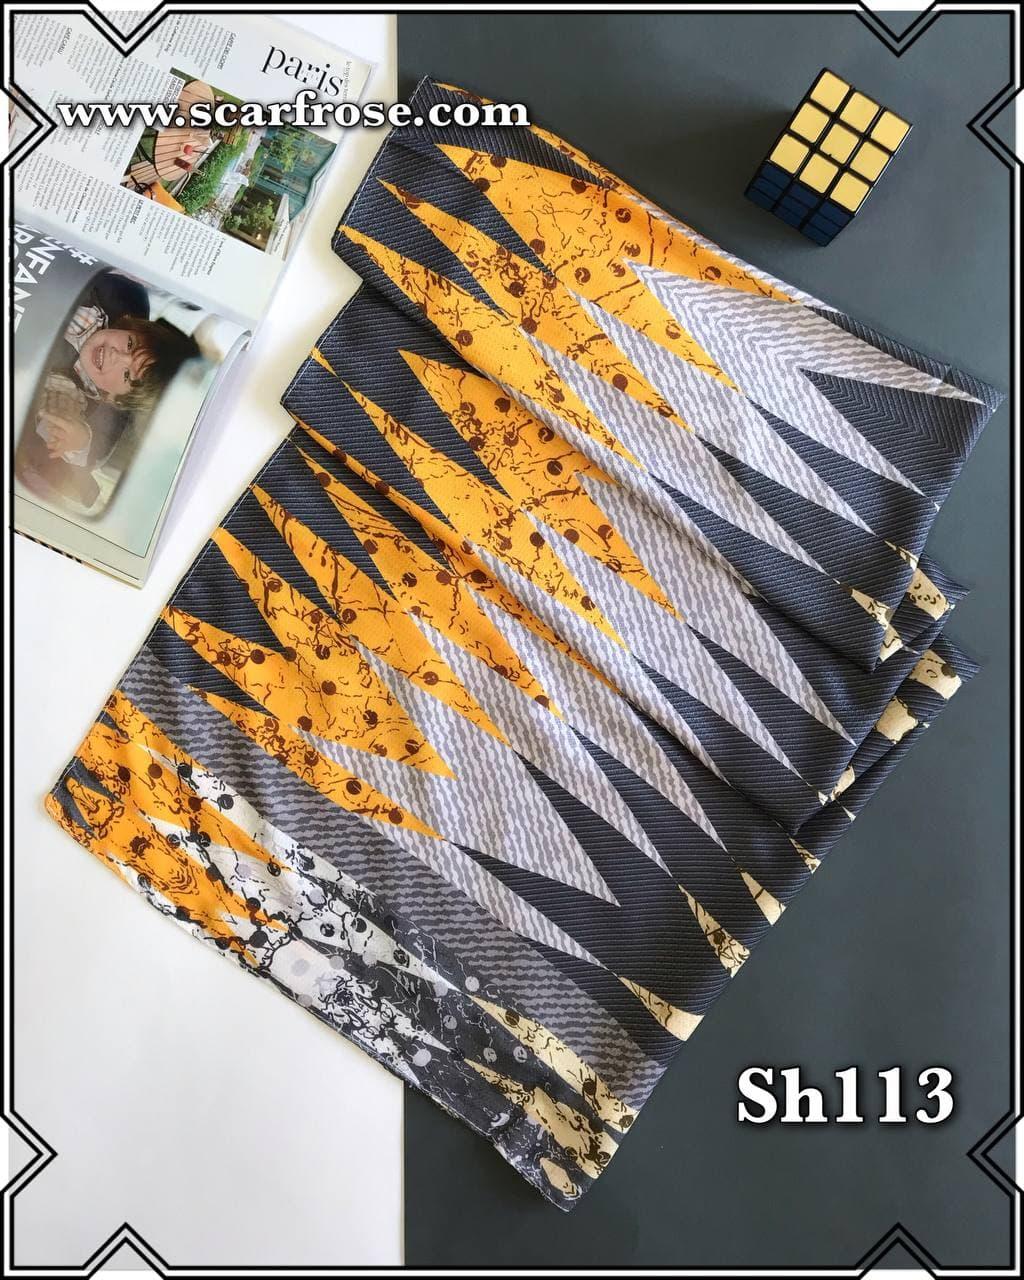 شال کریستال sh113